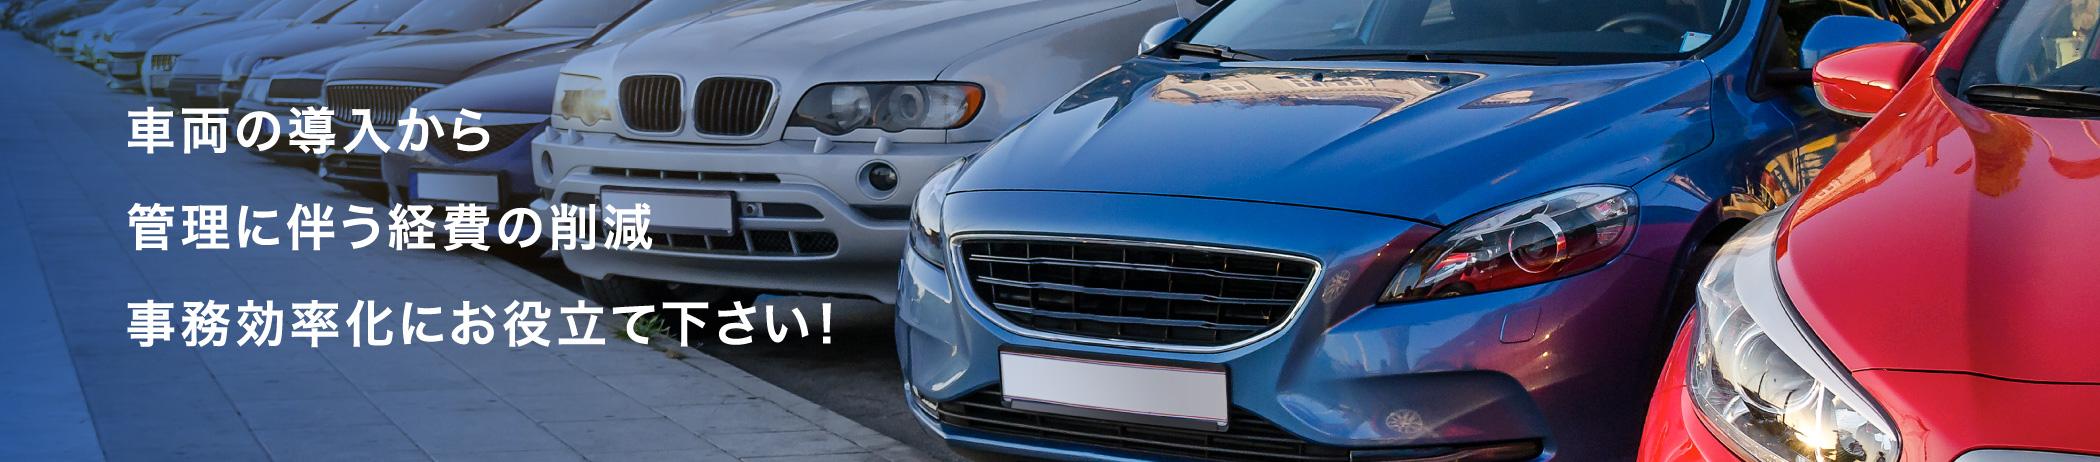 車両の導入から管理に伴う、経費の削減、事務効率化にお役立て下さい!